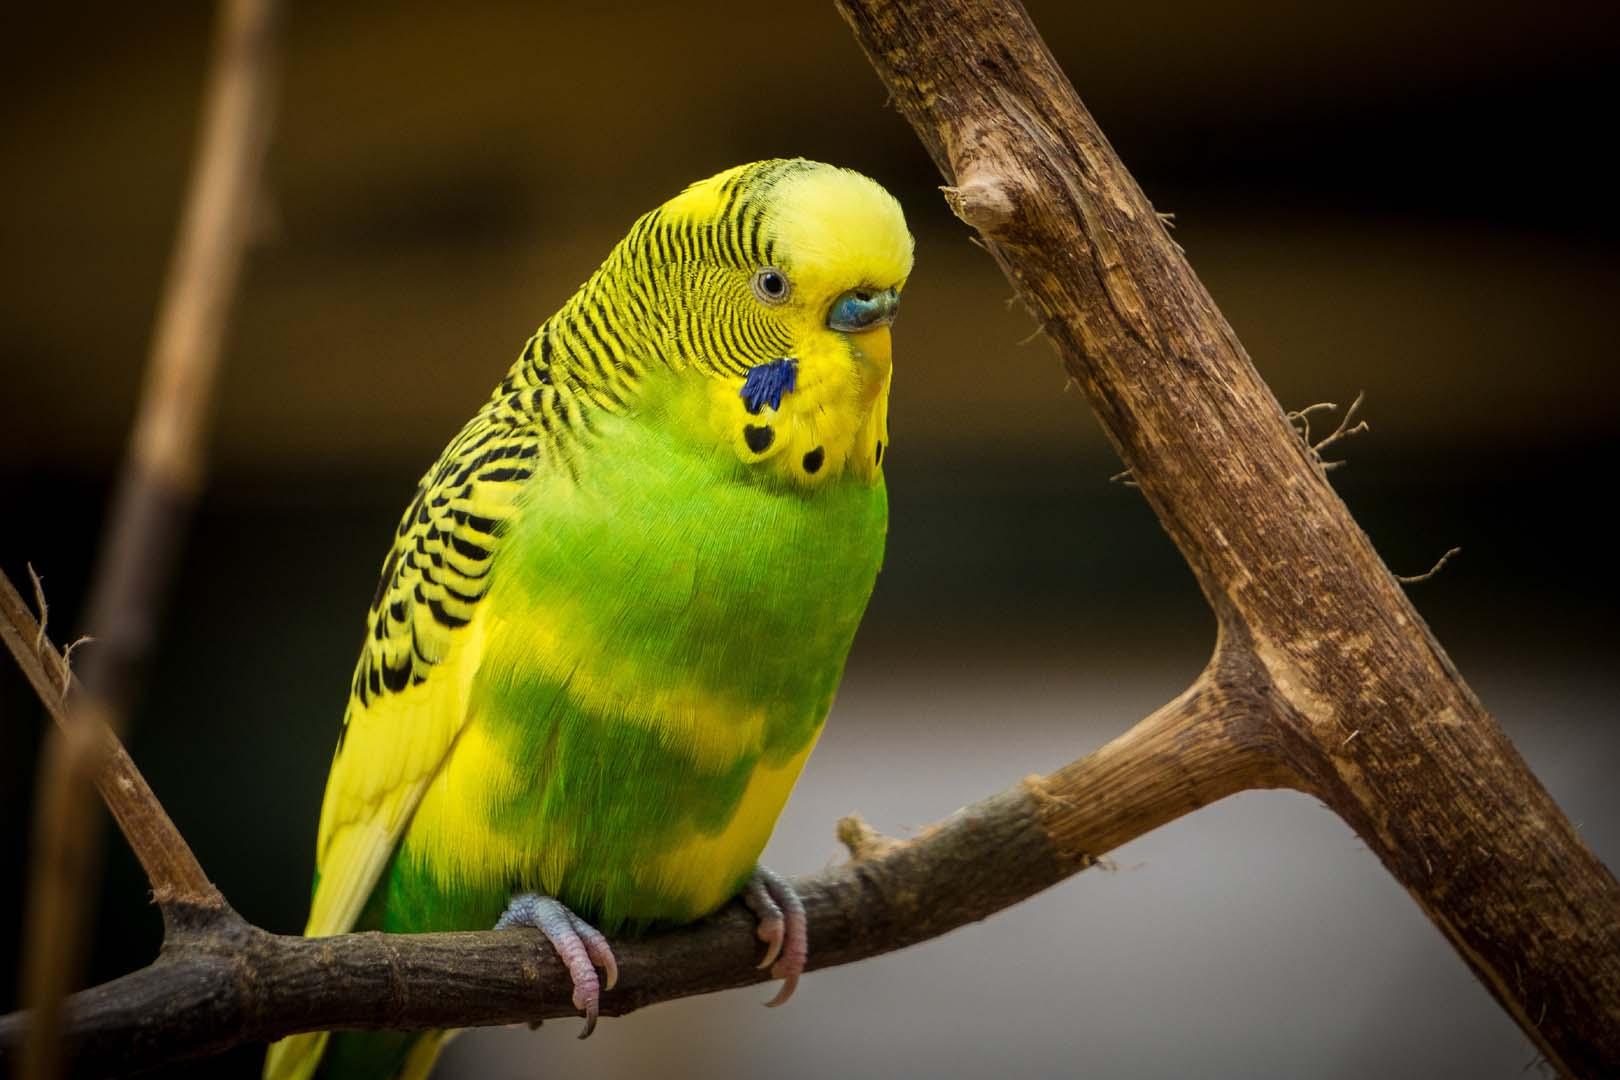 Periquito de plumaje verde y amarillo posa sobre una rama de un árbol